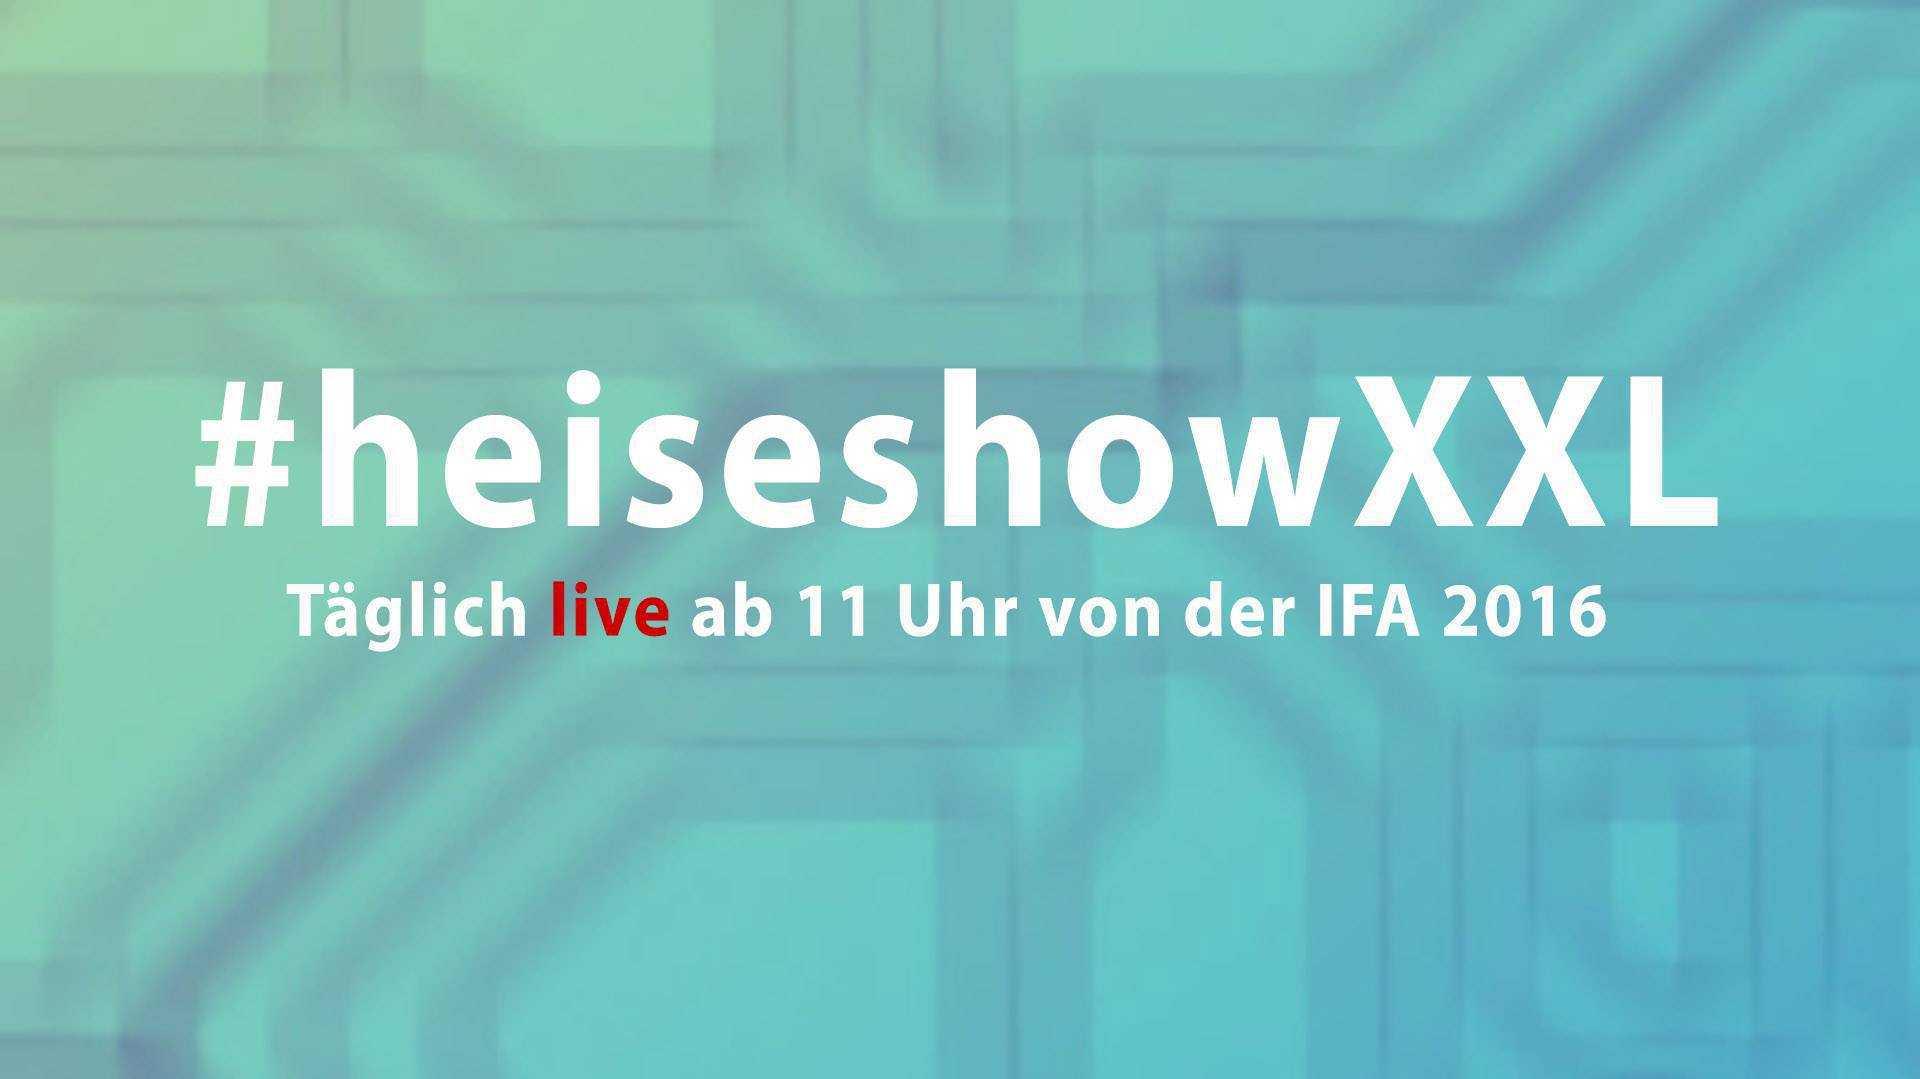 Ab 11 Uhr live: Die #heiseshowXXL von der IFA